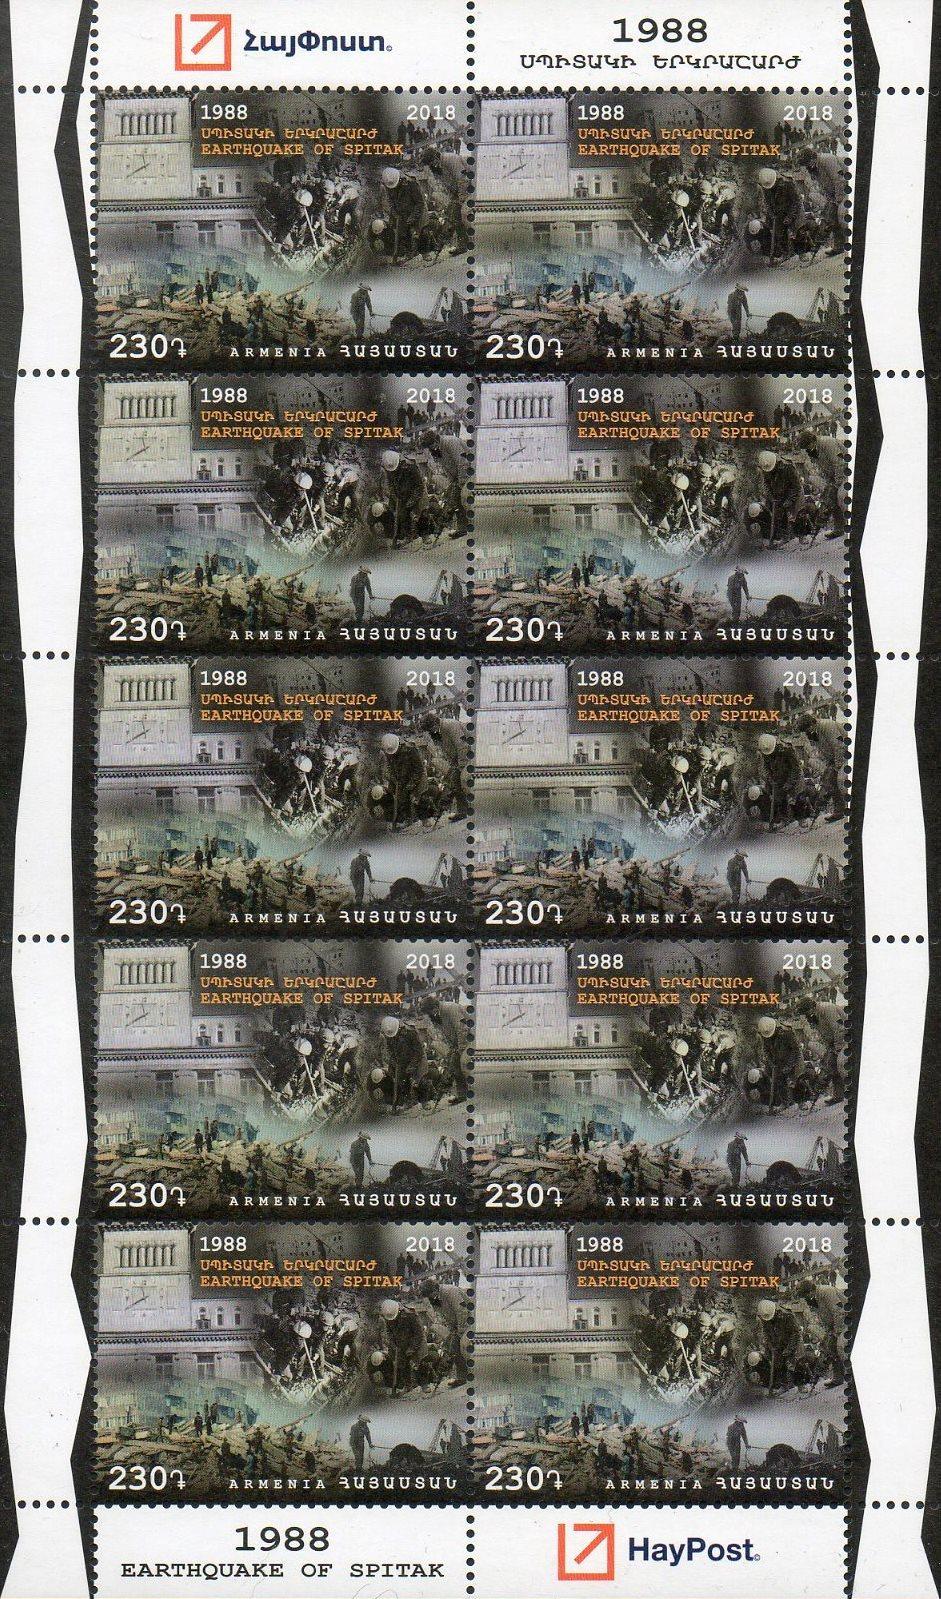 Армения. 30-летие землетрясения в Спитаке. Лист из 10 марок ARM2018/30 S